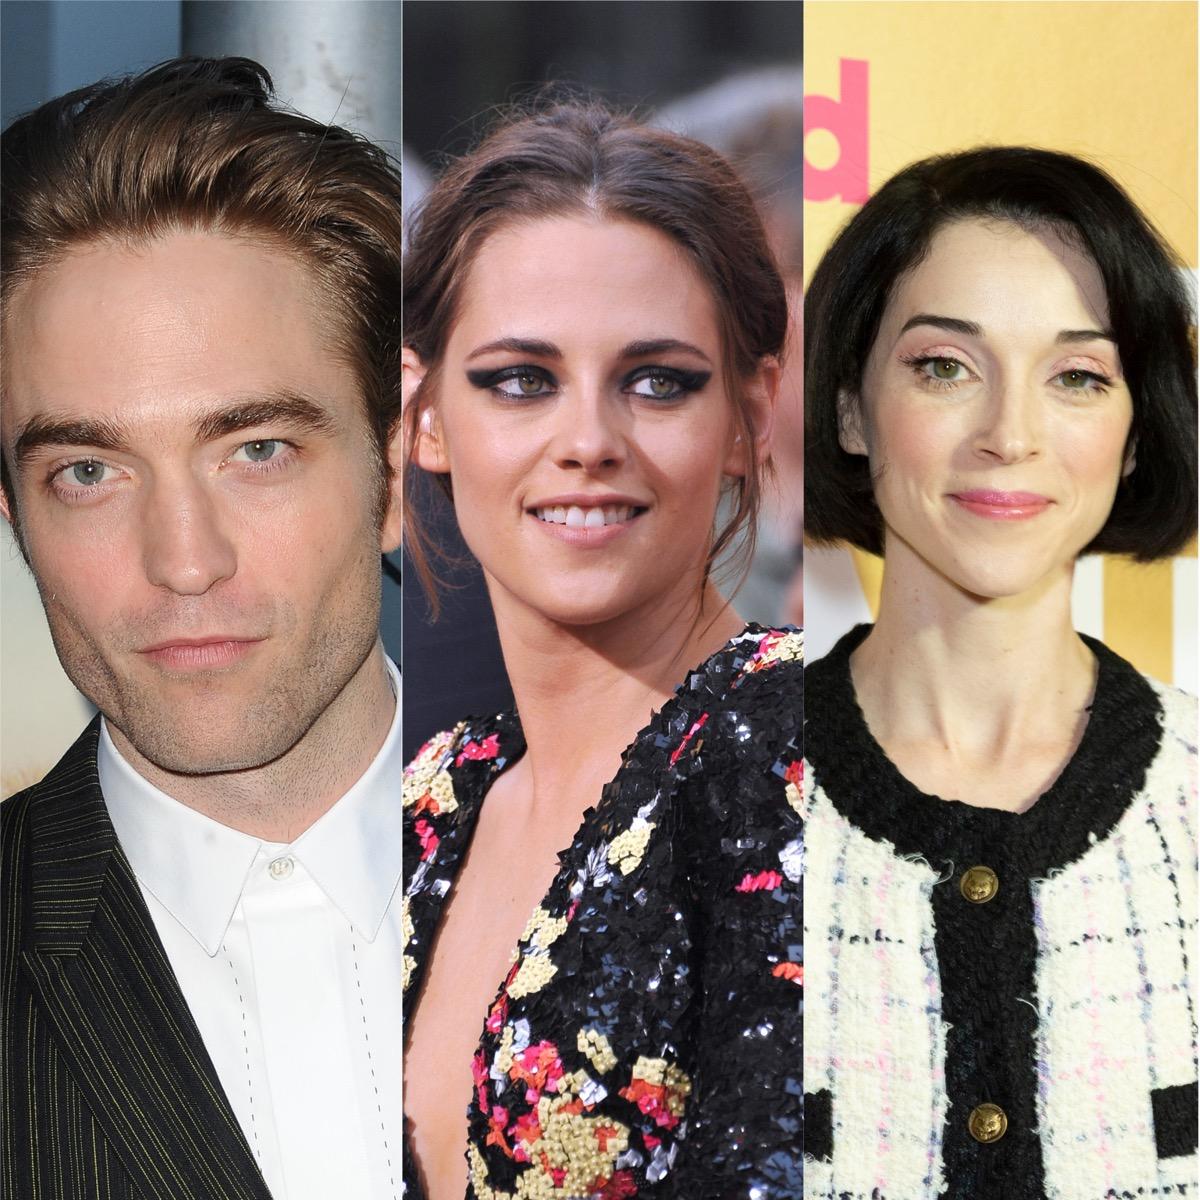 Robert Pattinson, Kristen Stewart, and St. Vincent